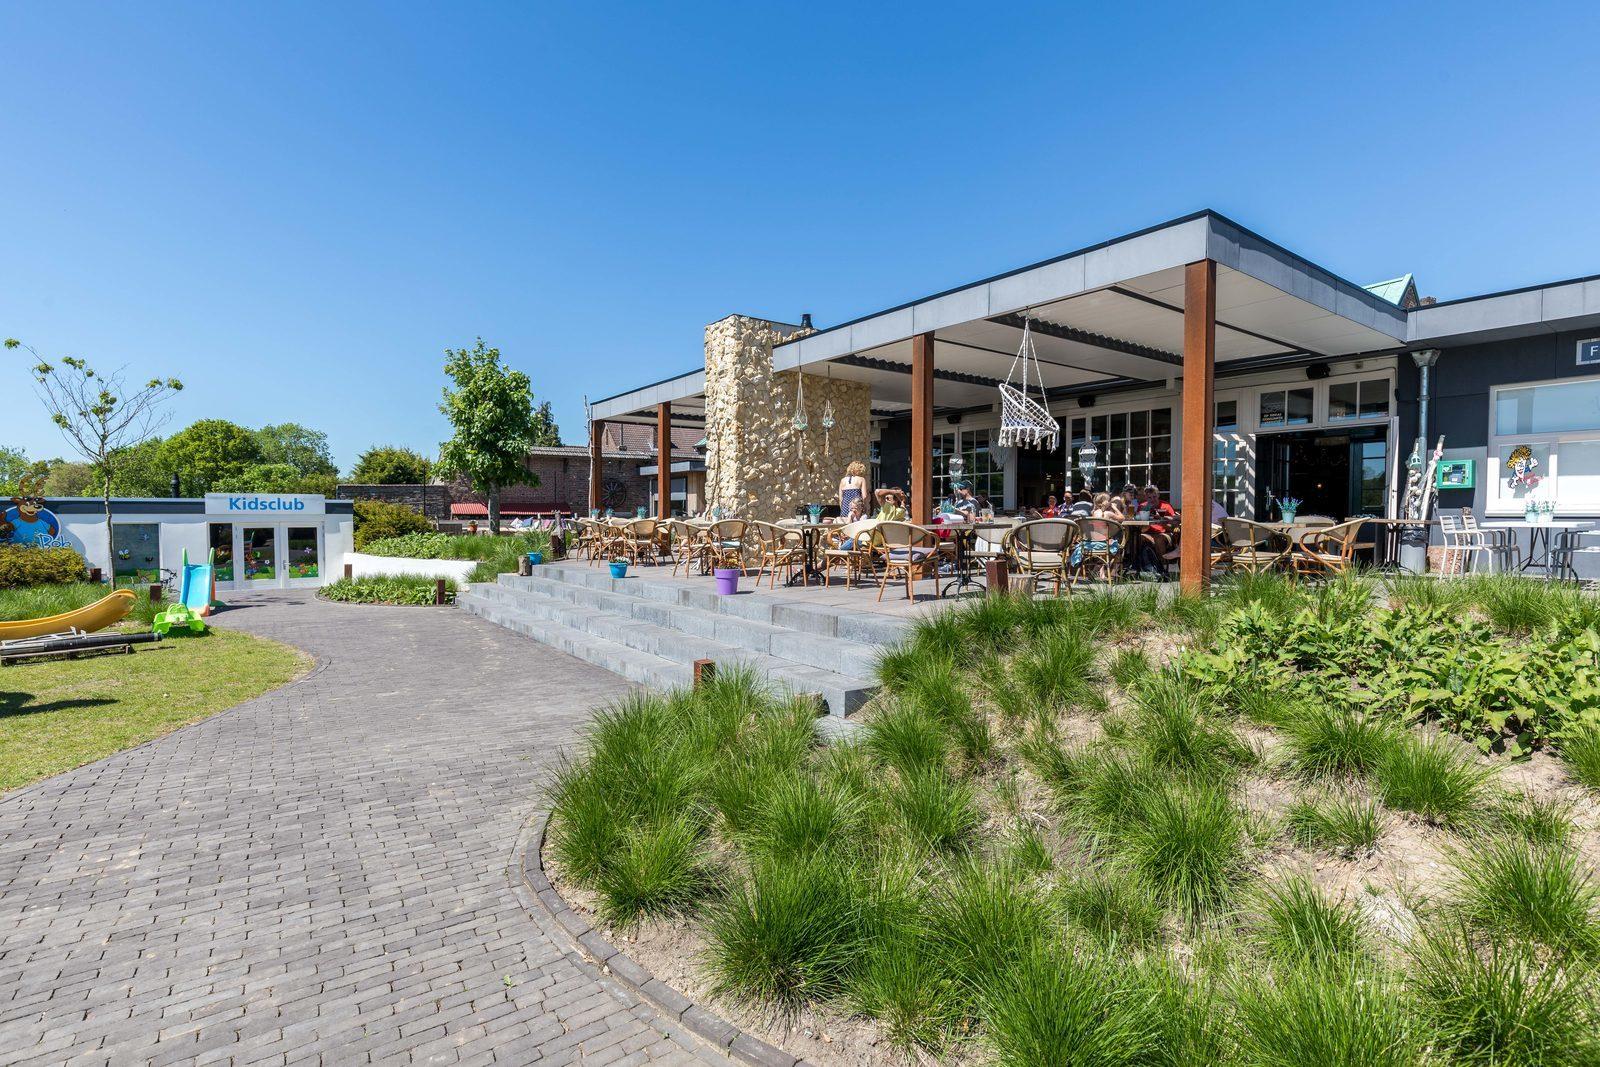 July 6 to 8 - Open days in South Limburg (Valkenburg)